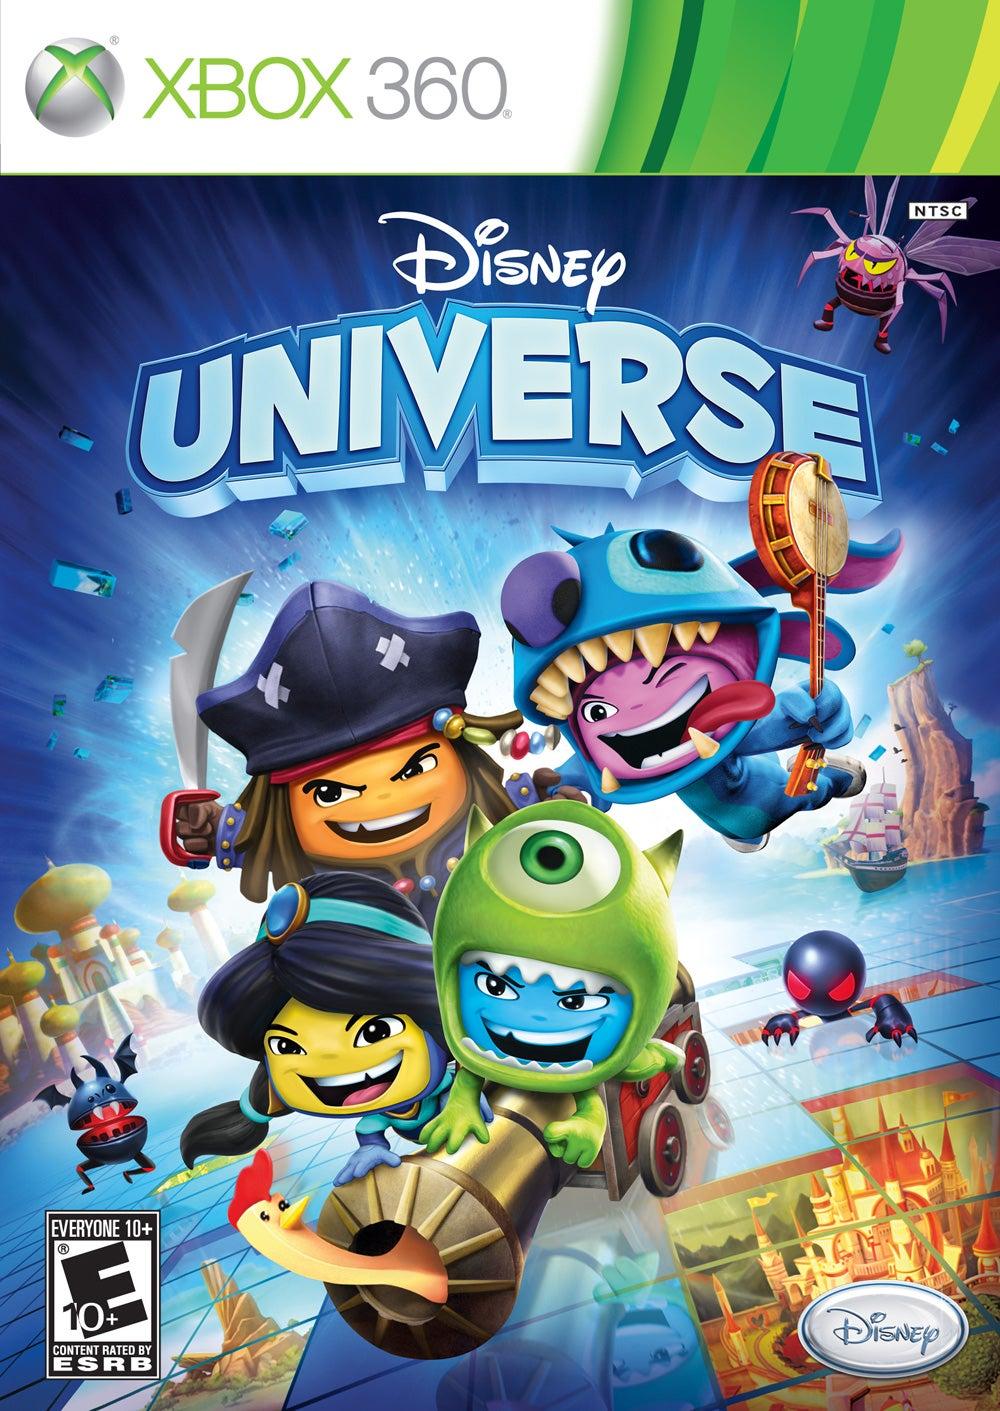 Disney Universe - Xbox 360 - IGN